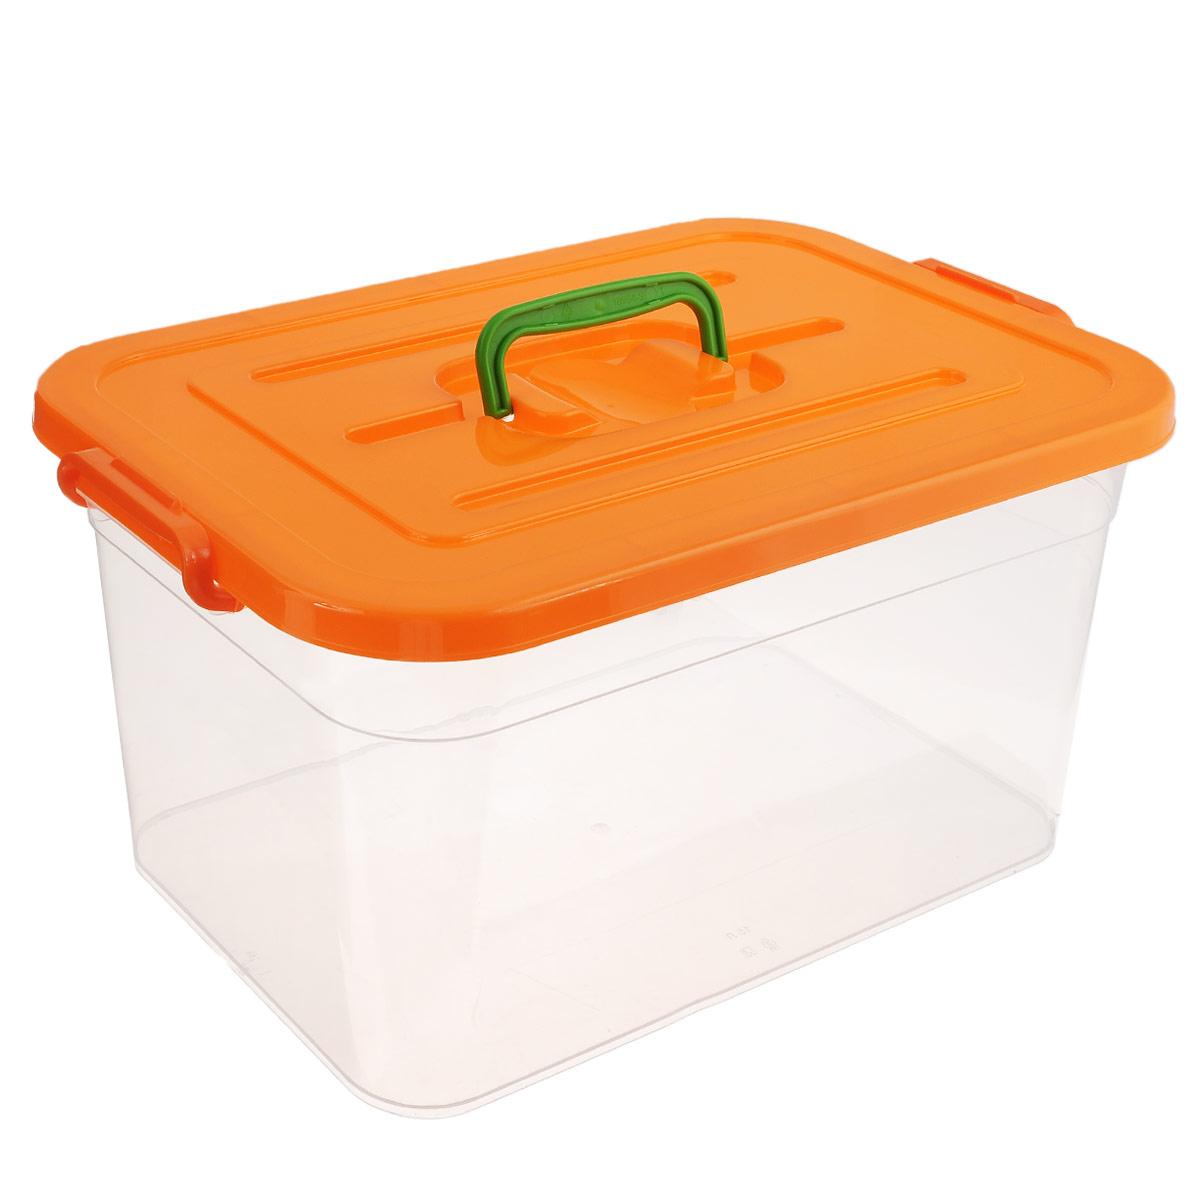 Контейнер для хранения Полимербыт, цвет: оранжевый, 15 лU210DFКонтейнер для хранения Полимербыт выполнен из высококачественного пищевого пластика. Контейнер снабжен удобной ручкой и двумя пластиковыми фиксаторами по бокам, придающими дополнительную надежность закрывания крышки. Вместительный контейнер позволит сохранить различные нужные вещи в порядке, а герметичная крышка предотвратит случайное открывание, защитит содержимое от пыли и грязи. Объем: 15 л.